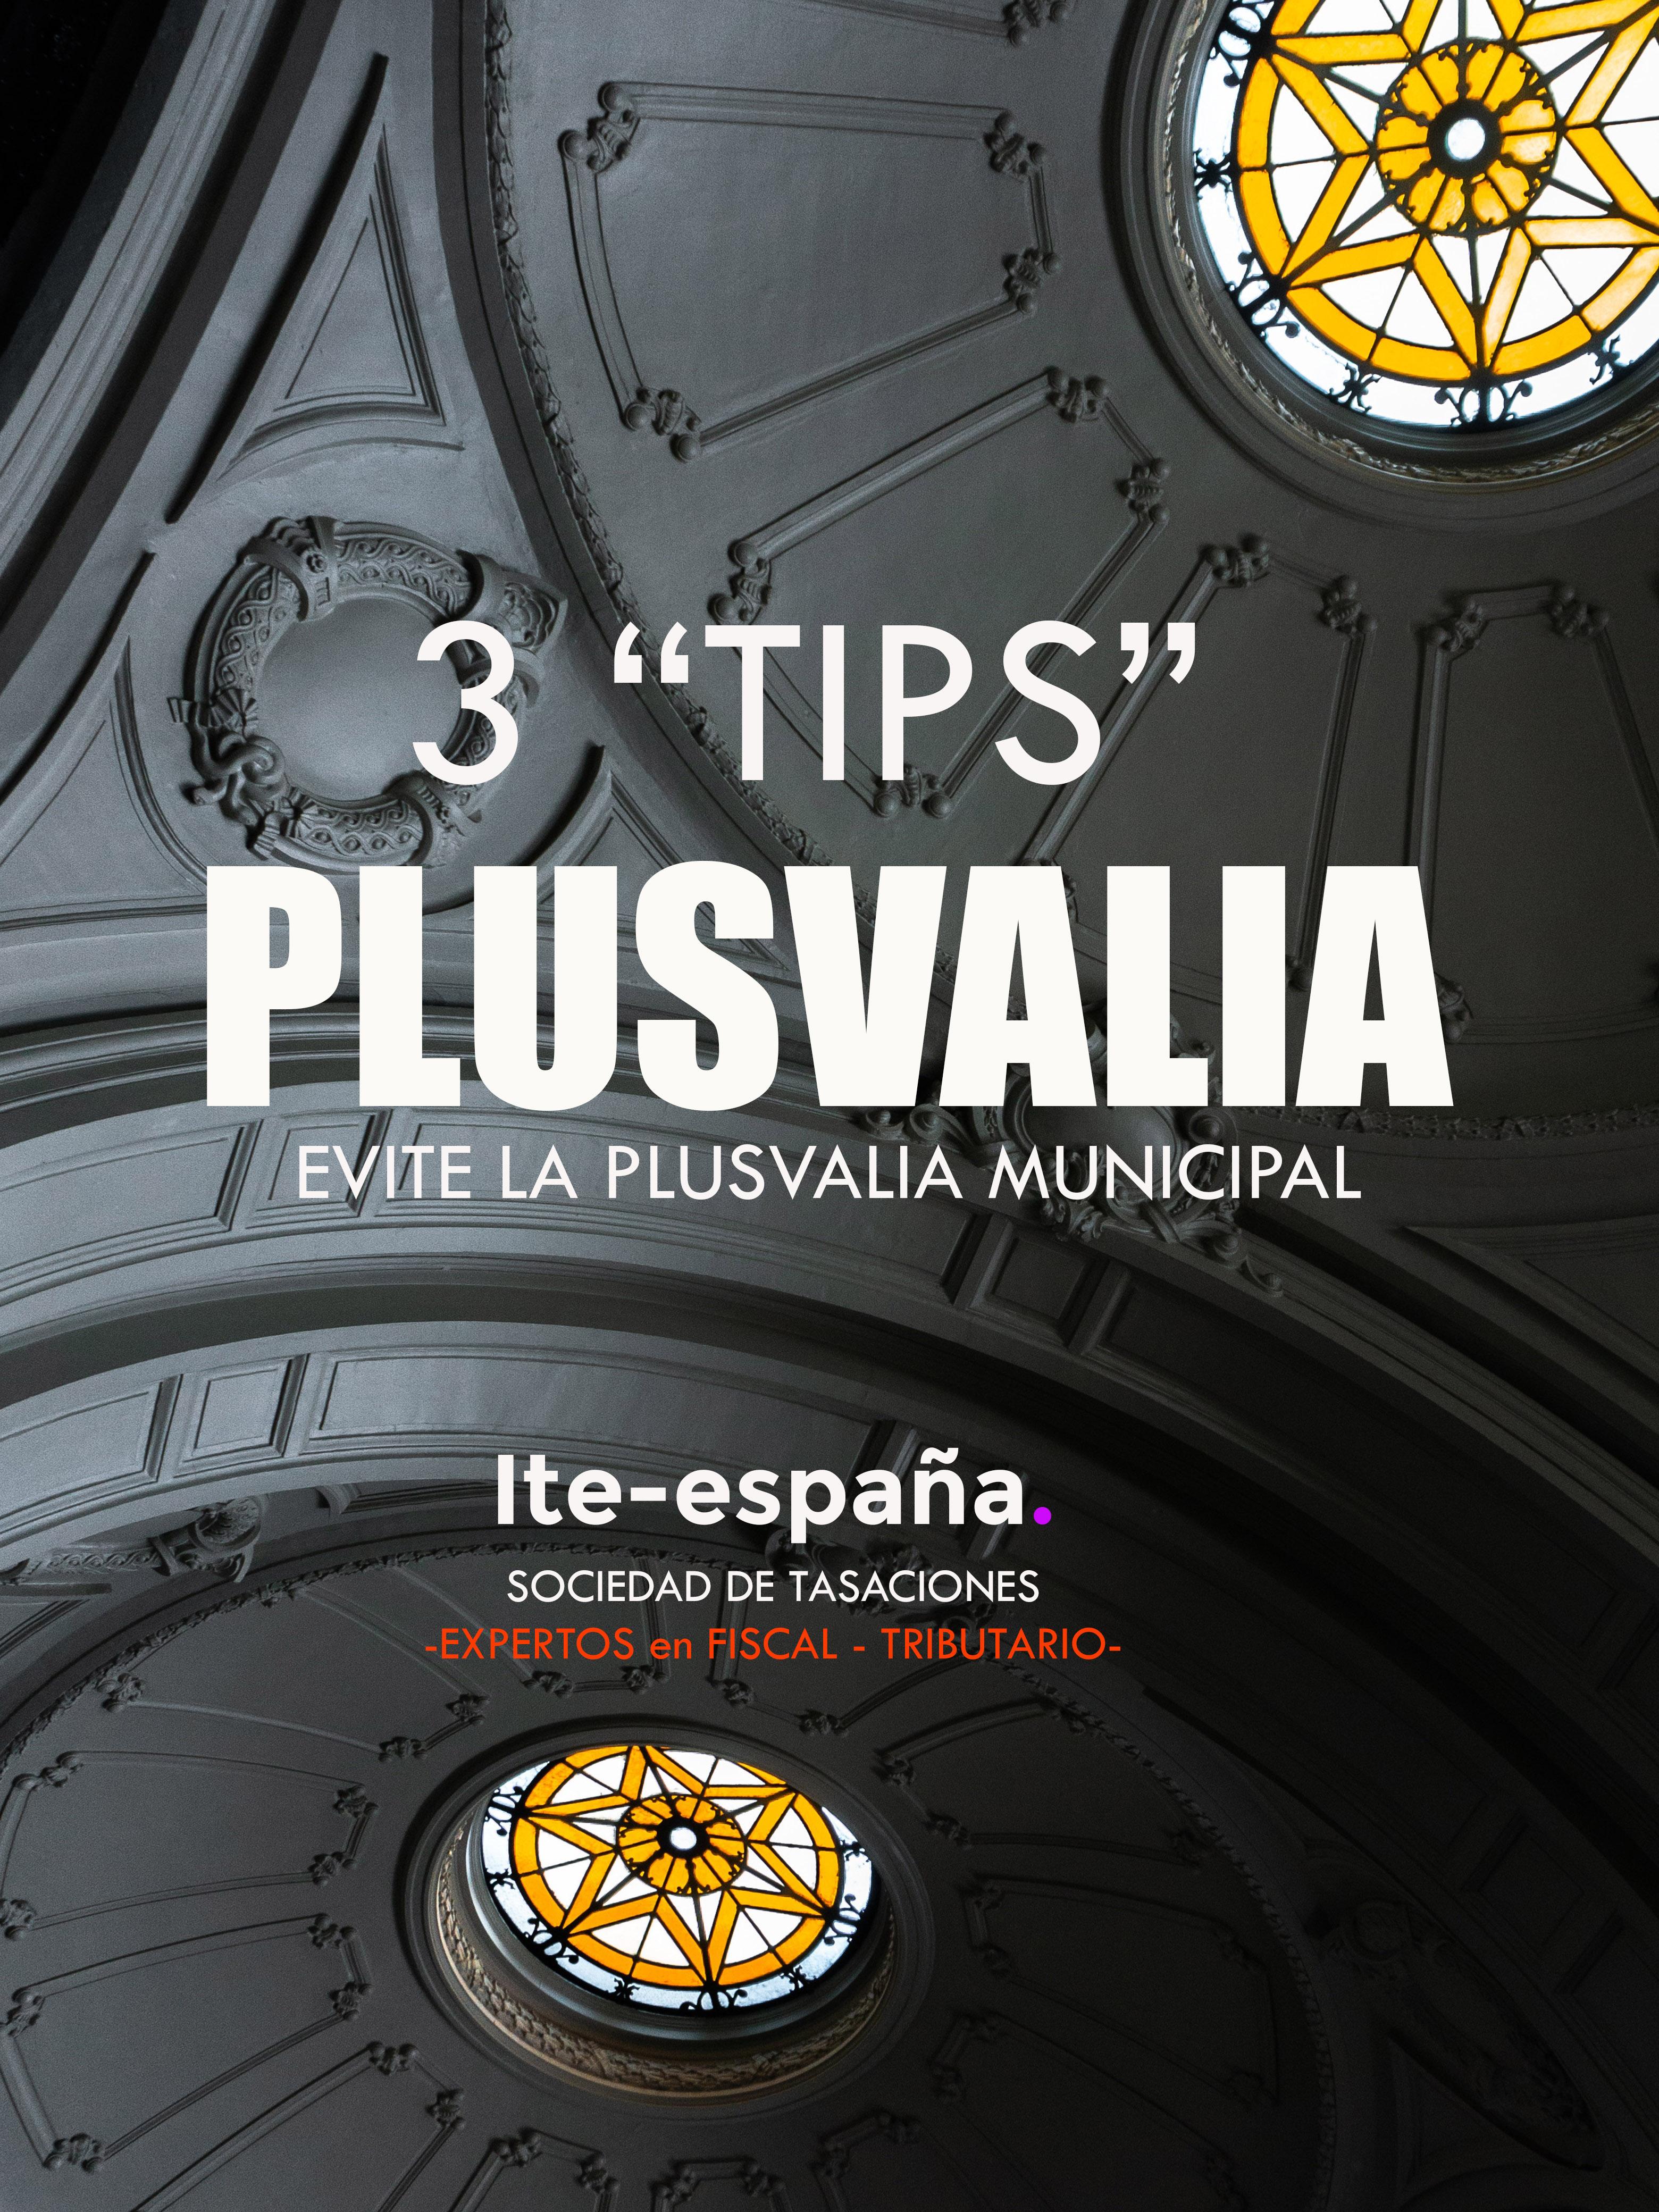 evitar la plusvalía municipal en Valencia